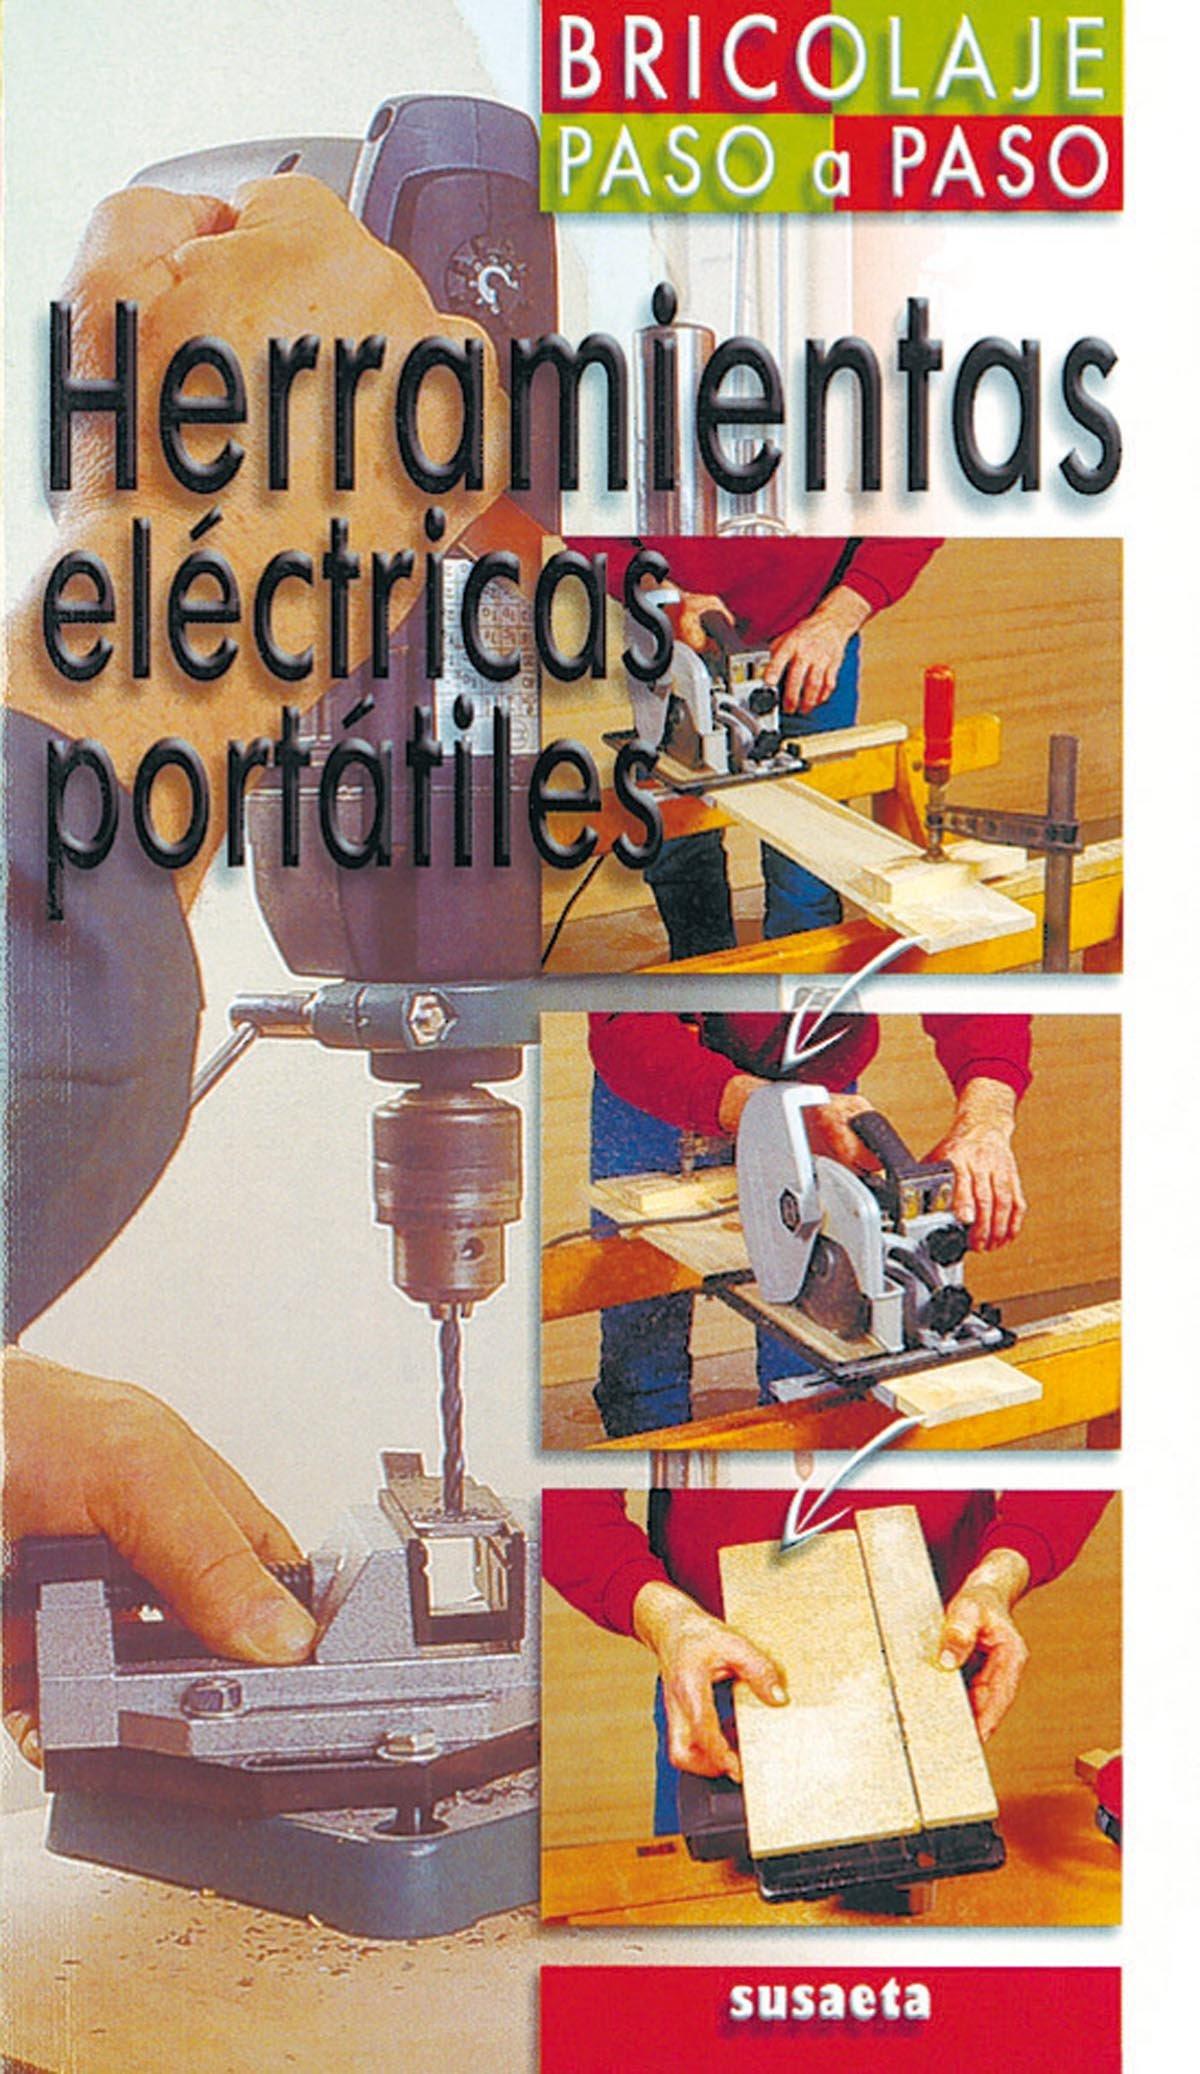 Herramientas Electricas Portatiles (Bricolaje Paso a Paso): S-773-9 ...